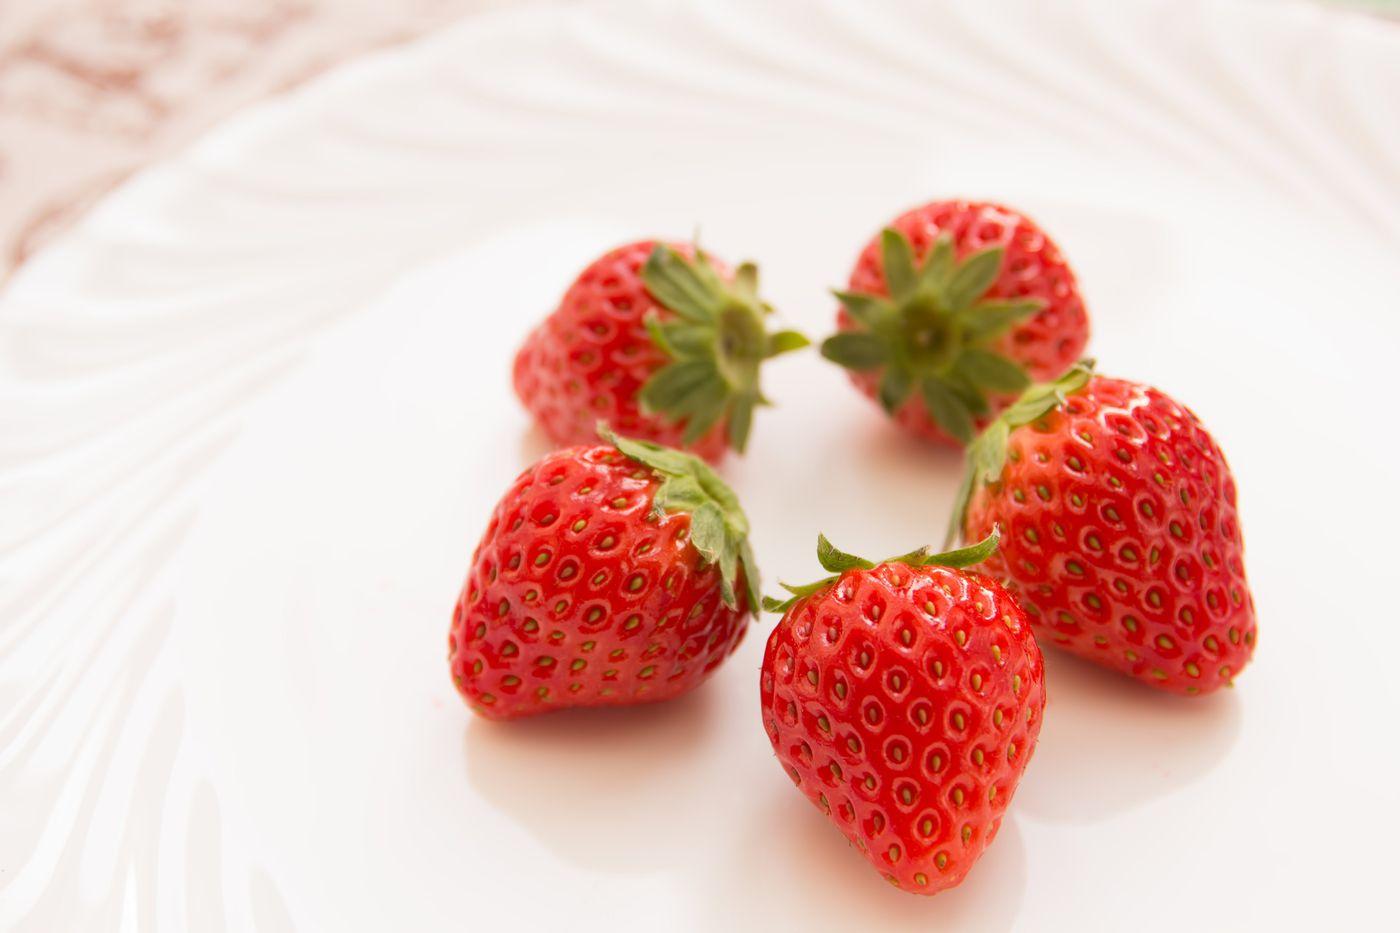 お皿に盛られた苺の写真